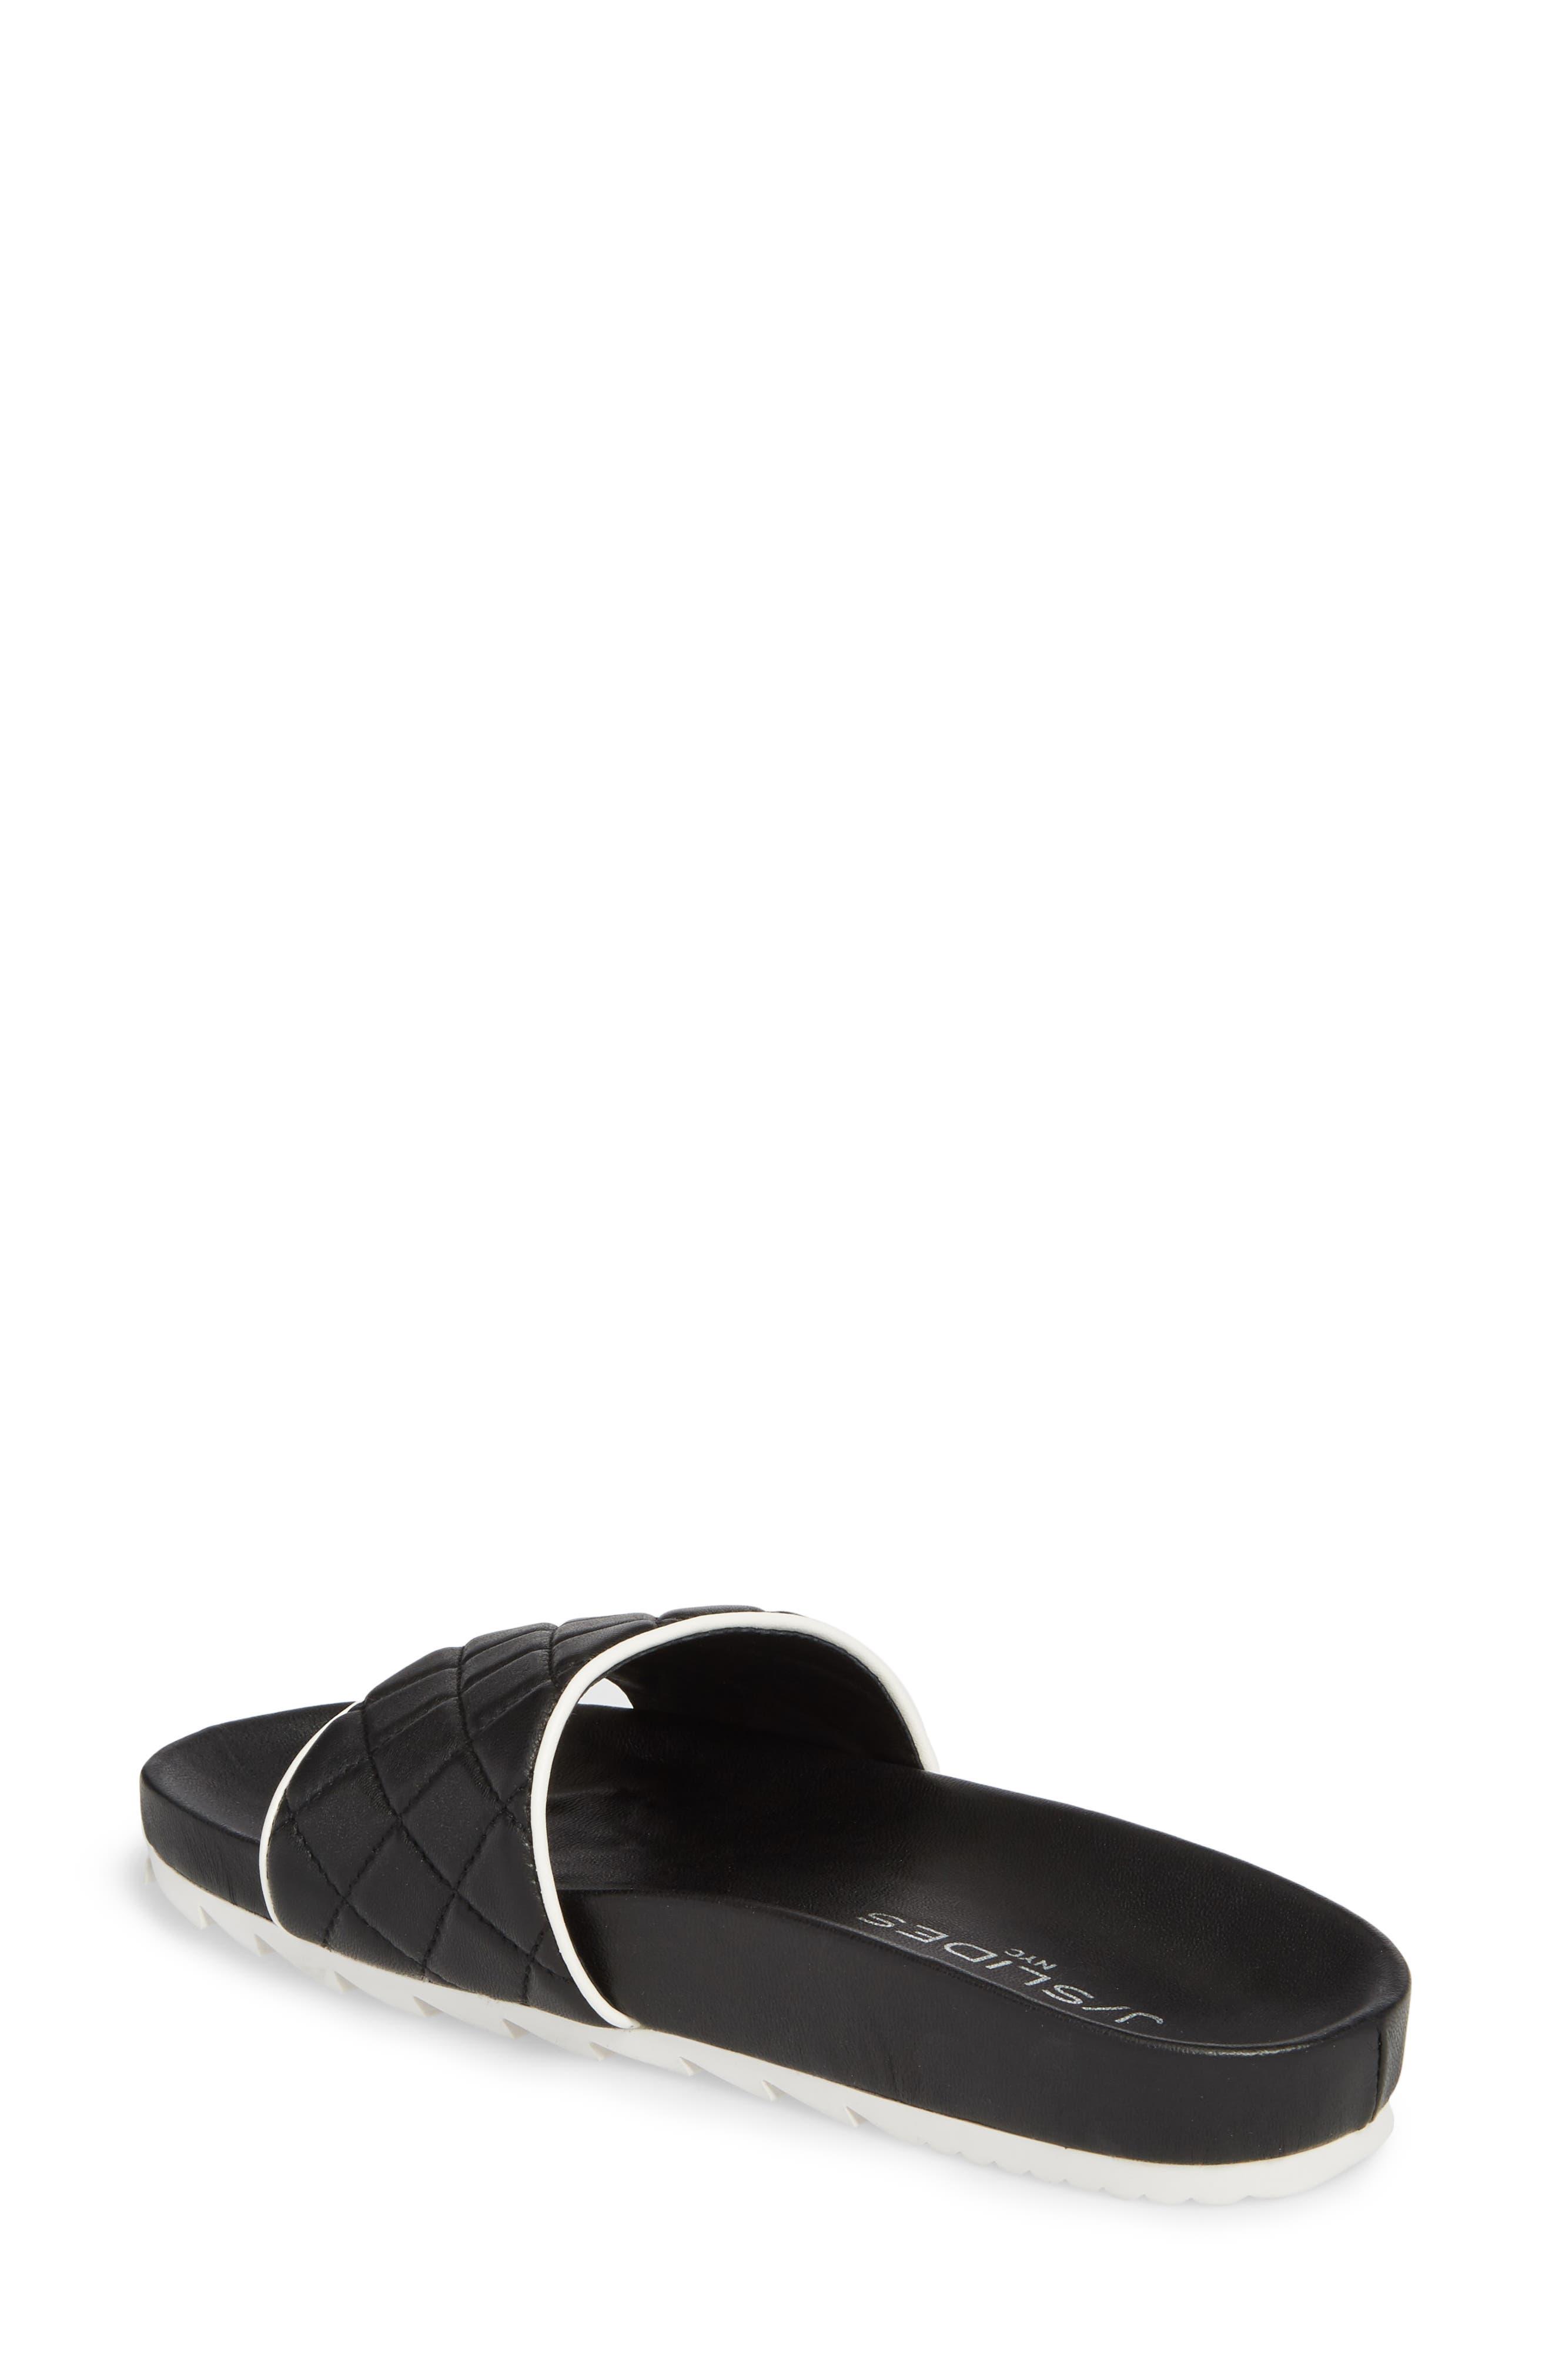 Edge Slide Sandal,                             Alternate thumbnail 2, color,                             BLACK LEATHER